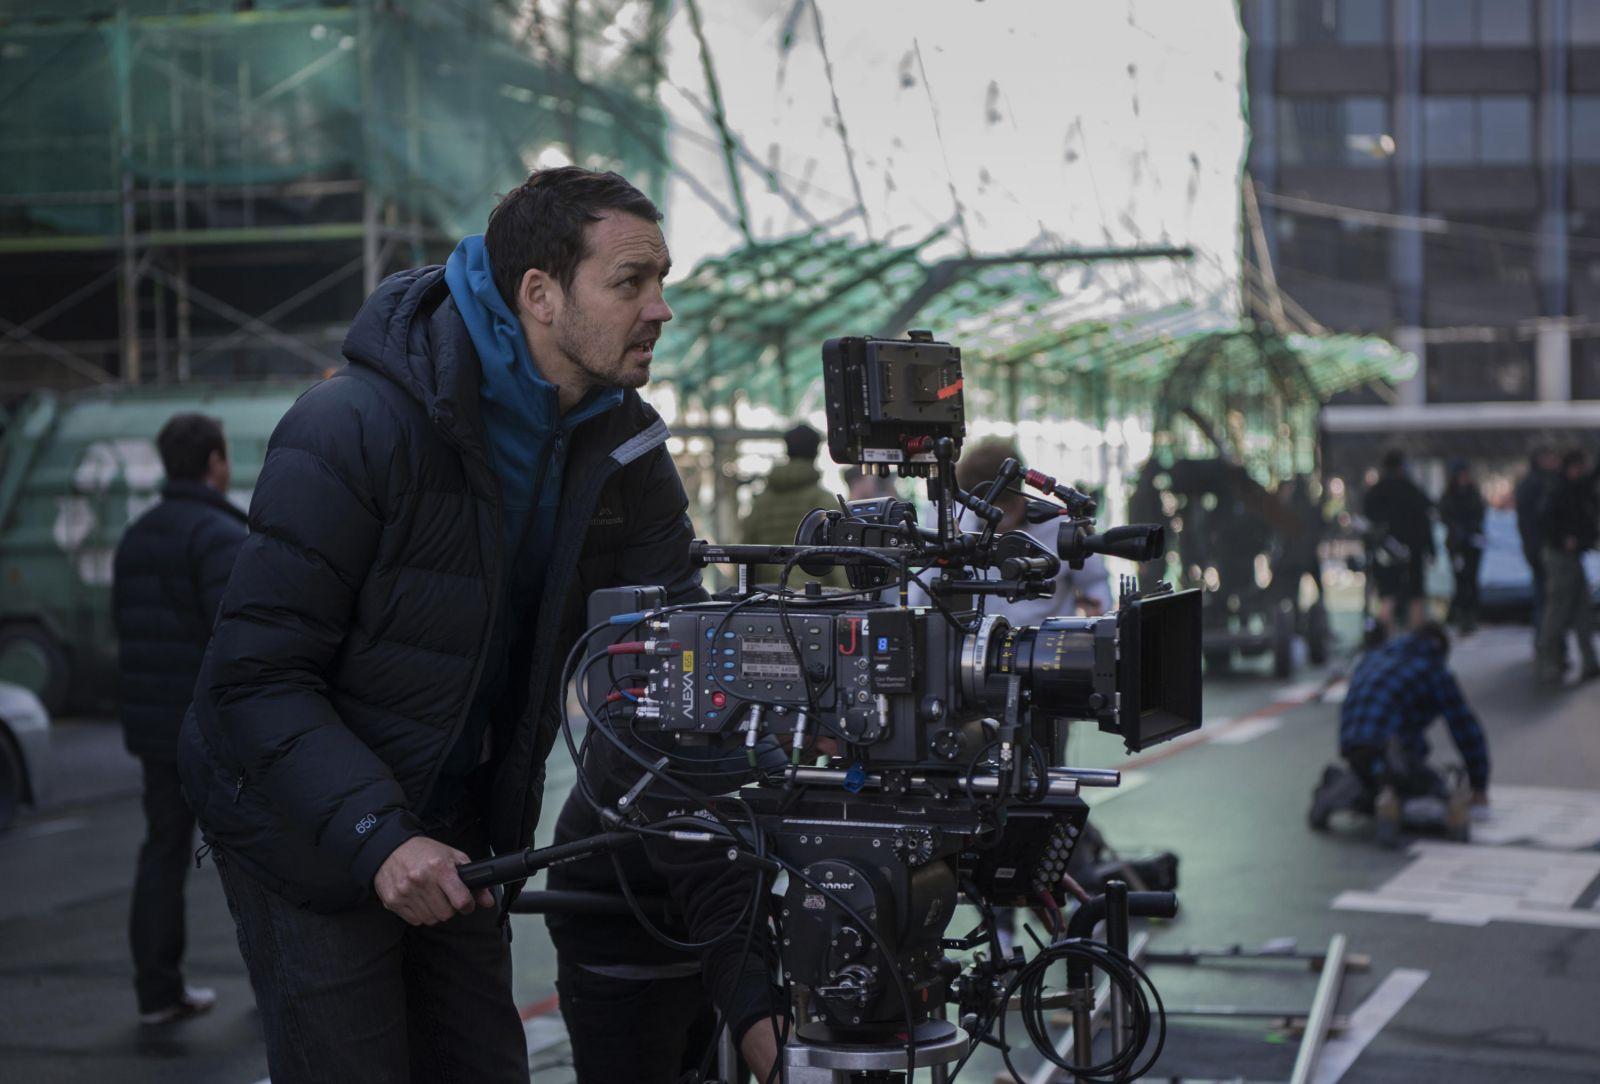 """Руперт Сандерс на съемочной площадке фильма """"Призрак в доспехах"""""""